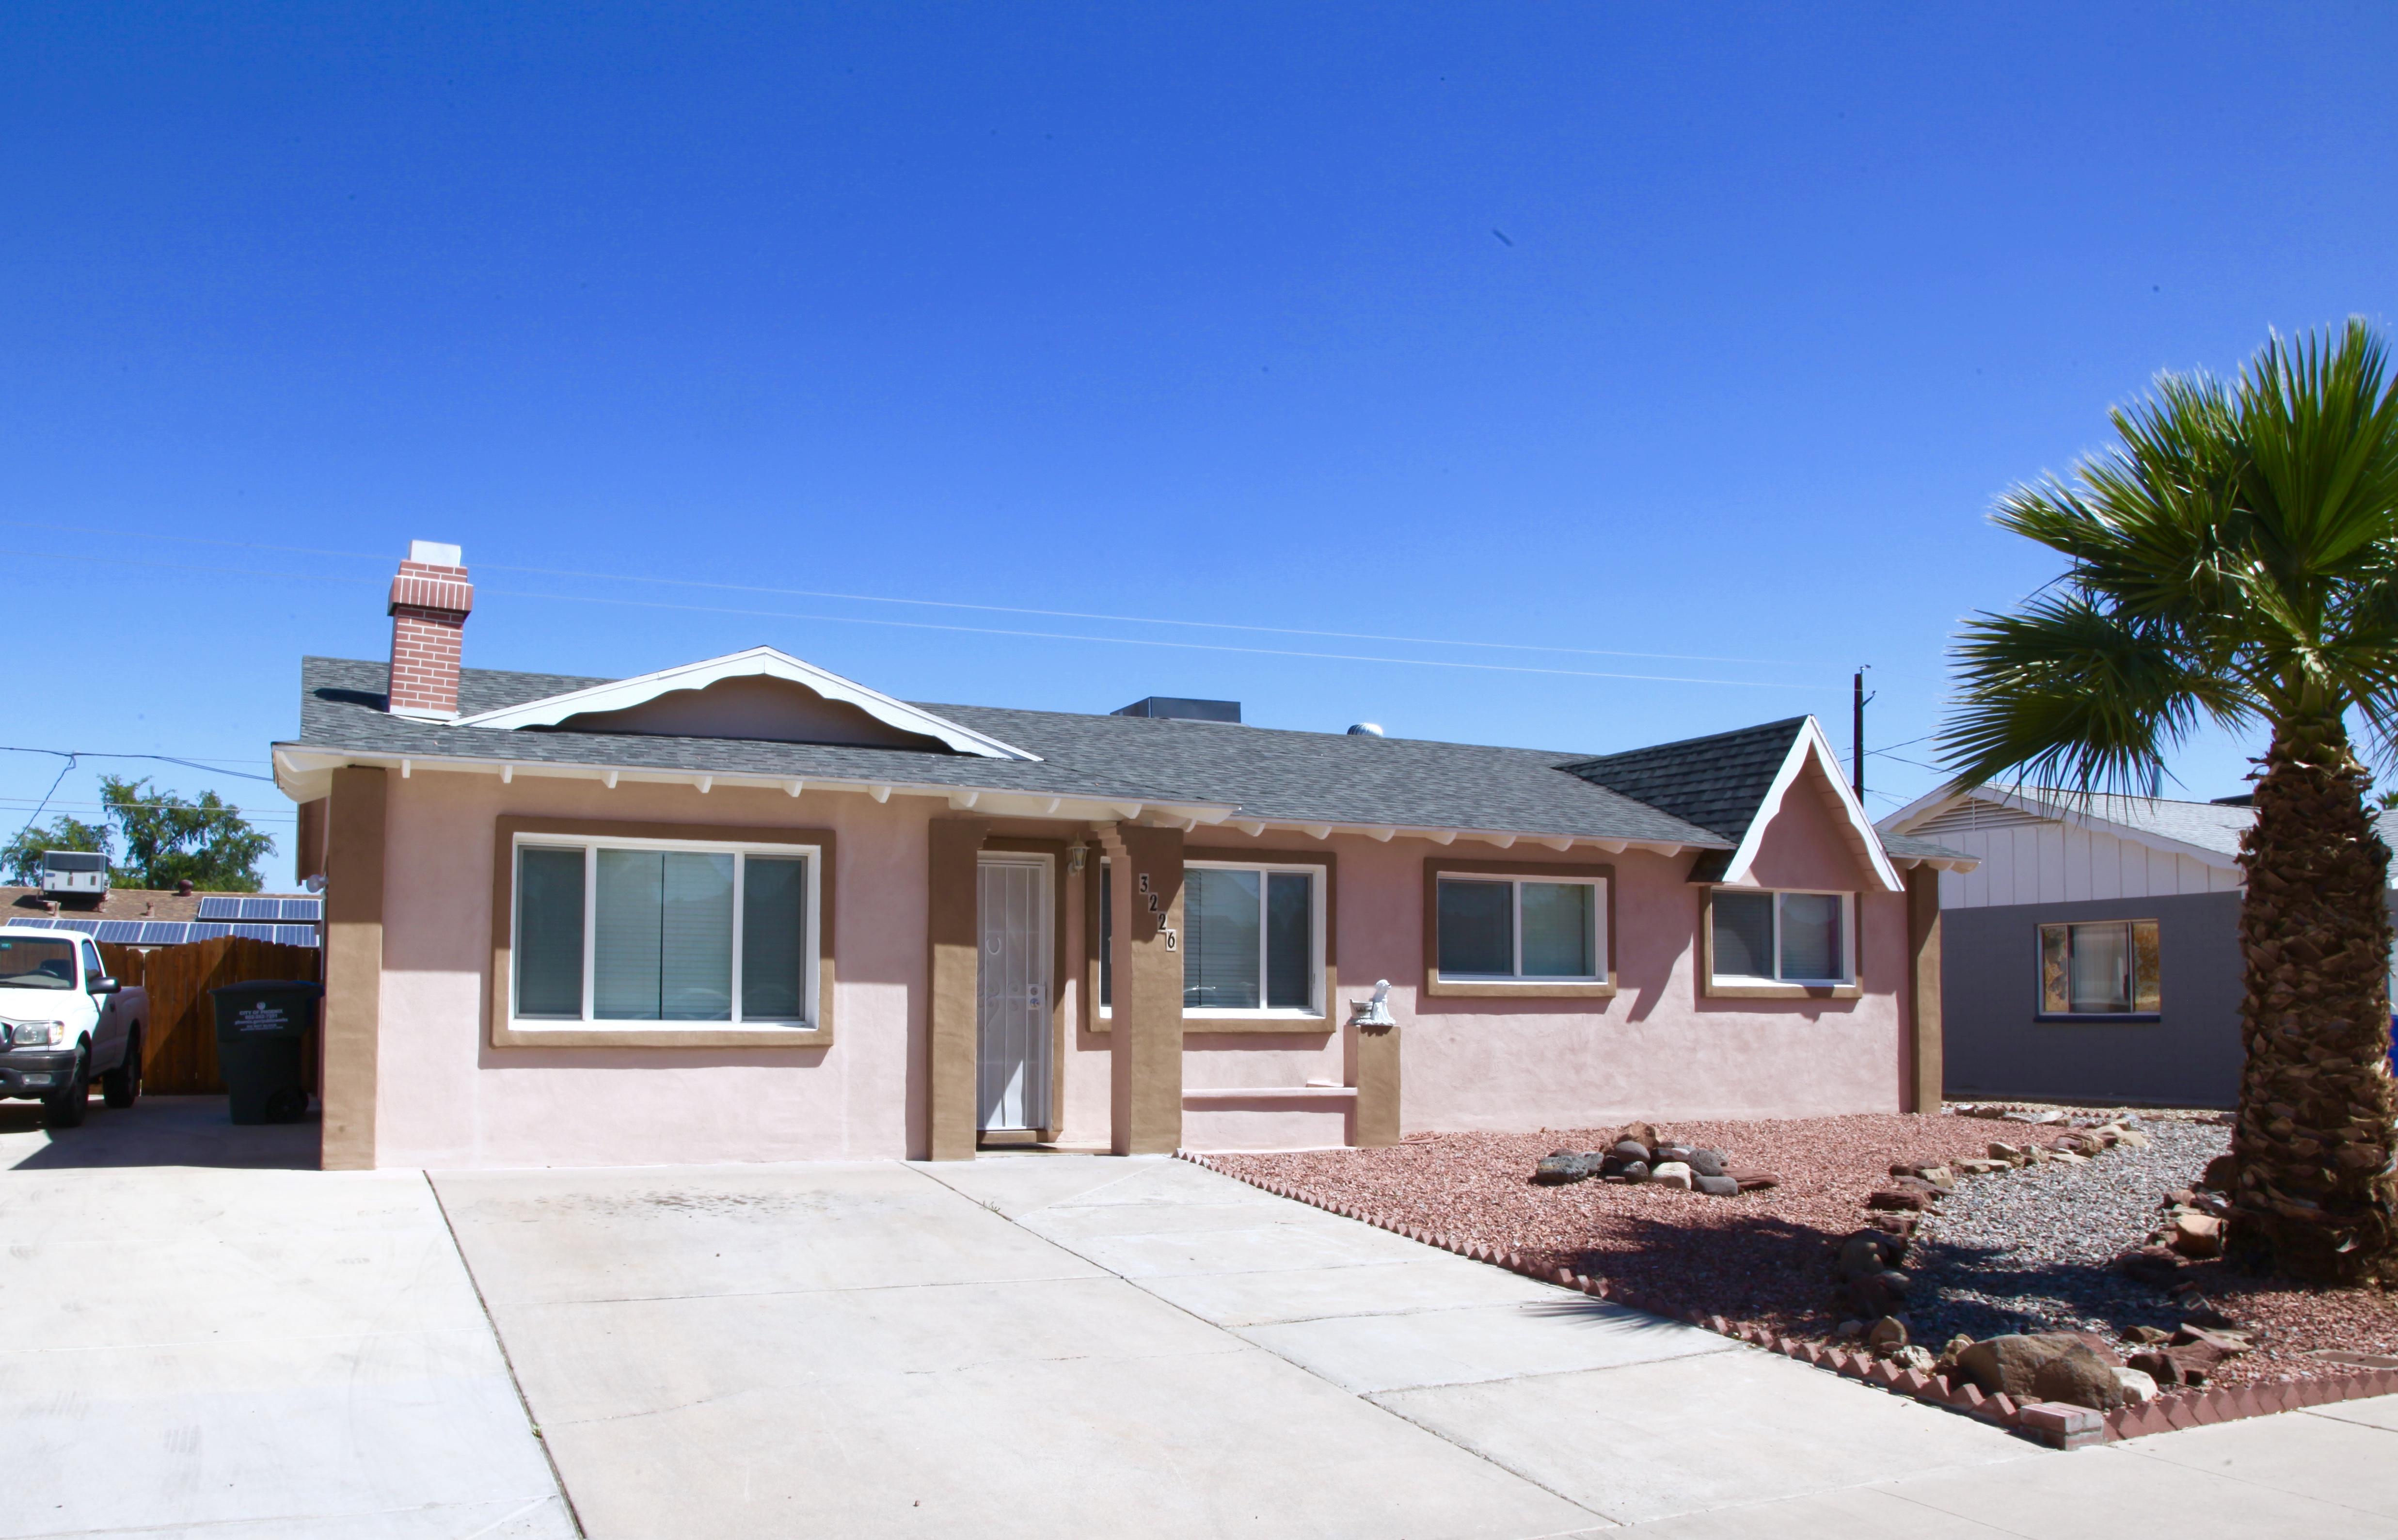 3226 W Voltaire Ave Phoenix, AZ 85029